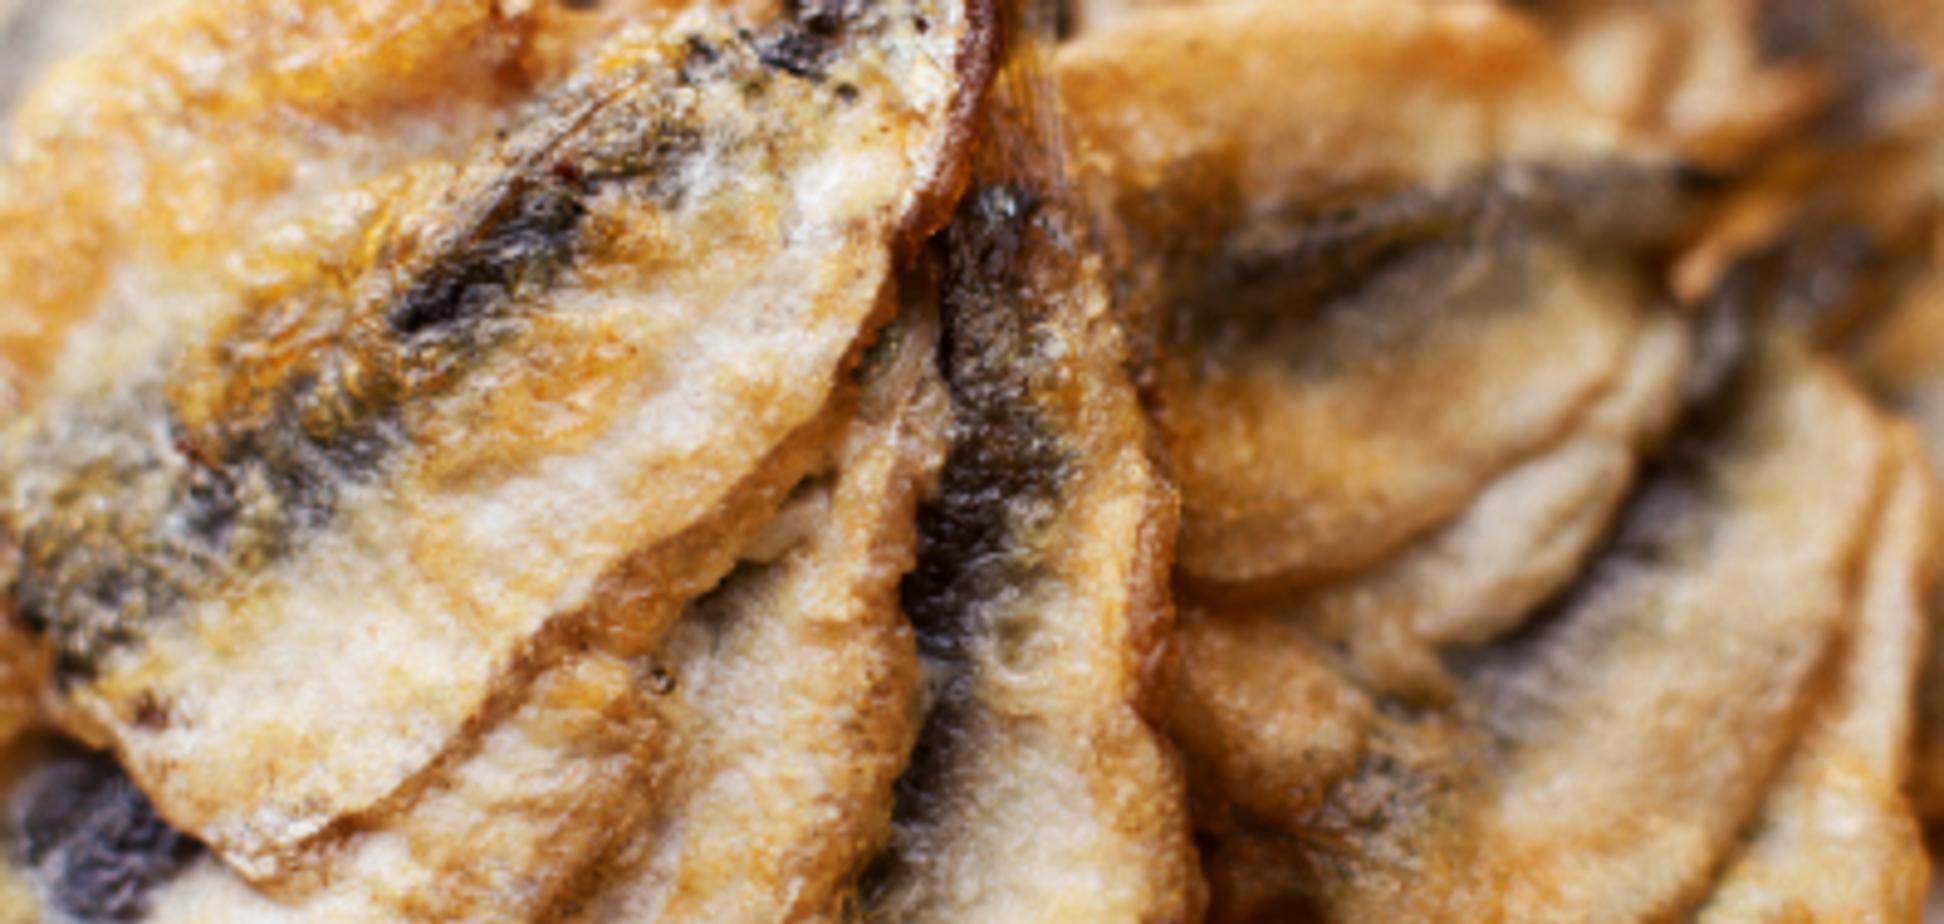 Главное одесское блюдо: известный ресторатор поделился эксклюзивными рецептами